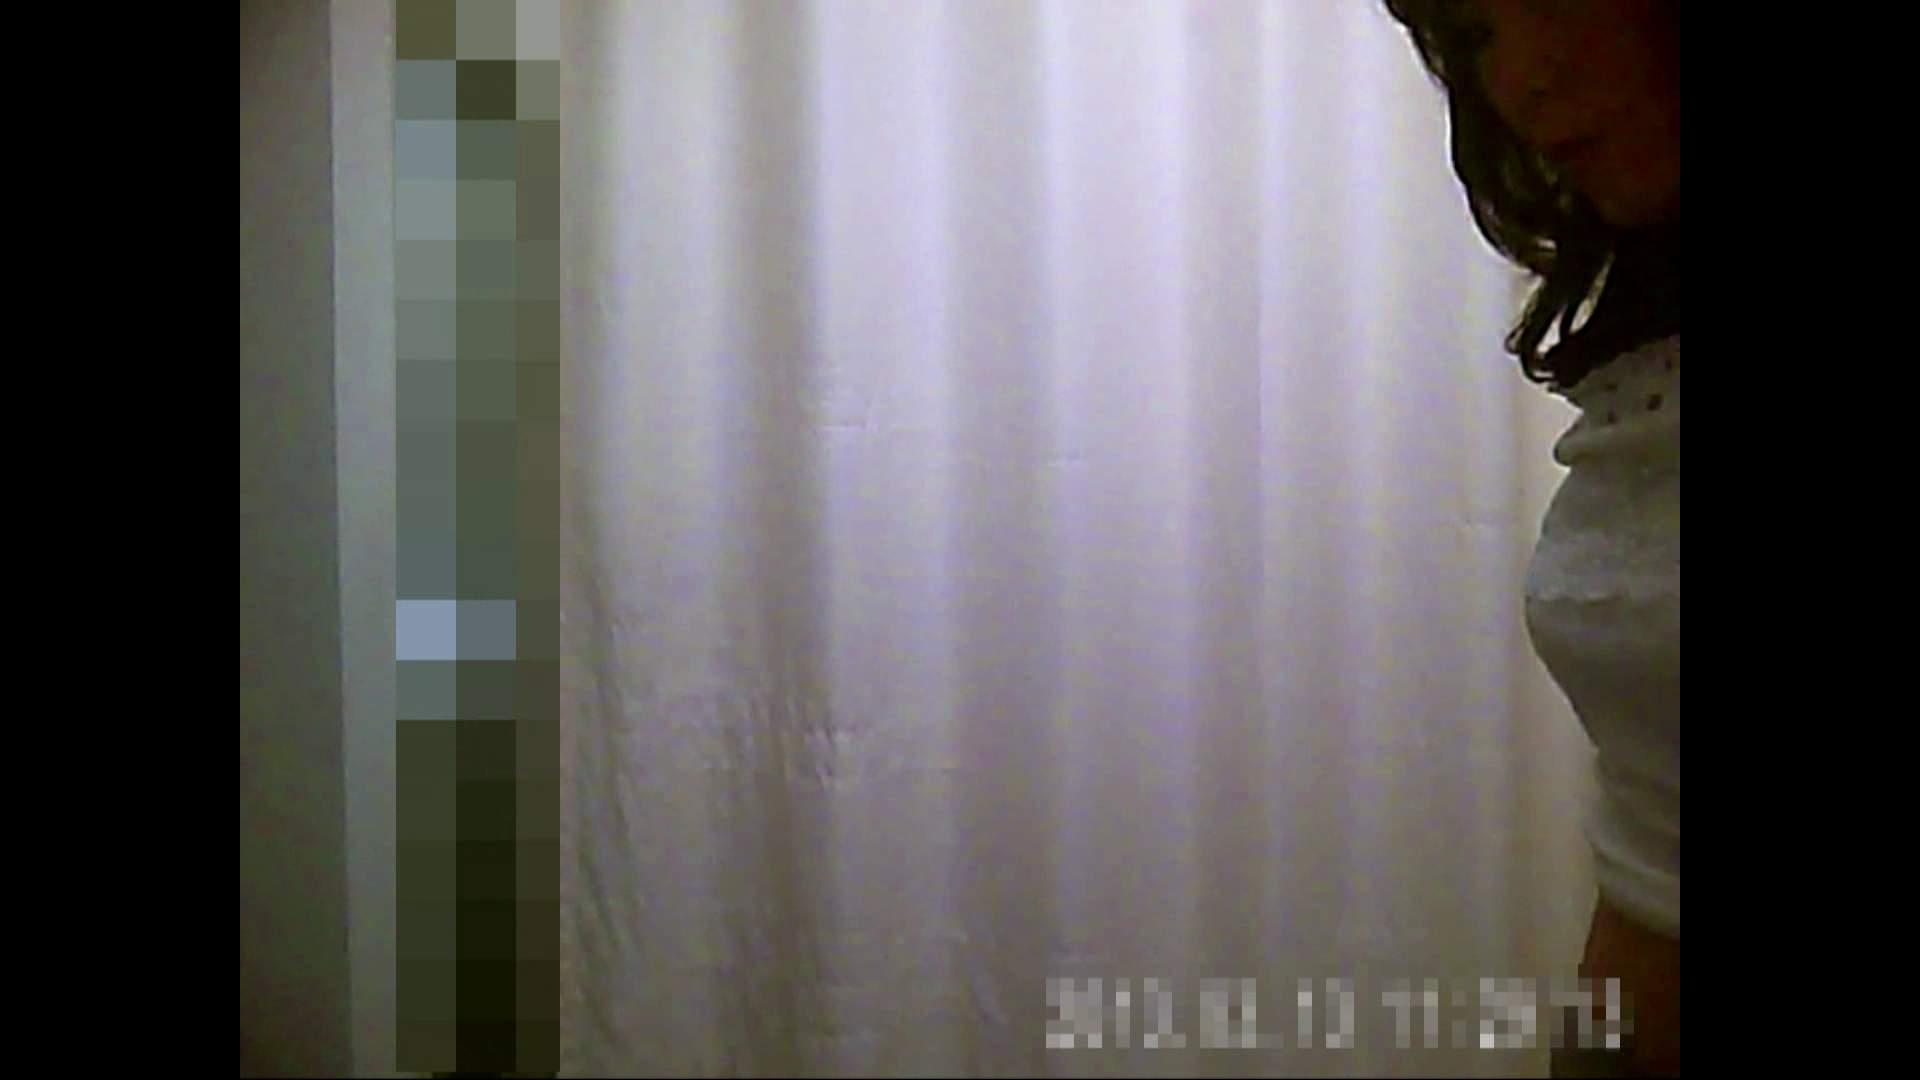 元医者による反抗 更衣室地獄絵巻 vol.097 OLハメ撮り  39Pix 30